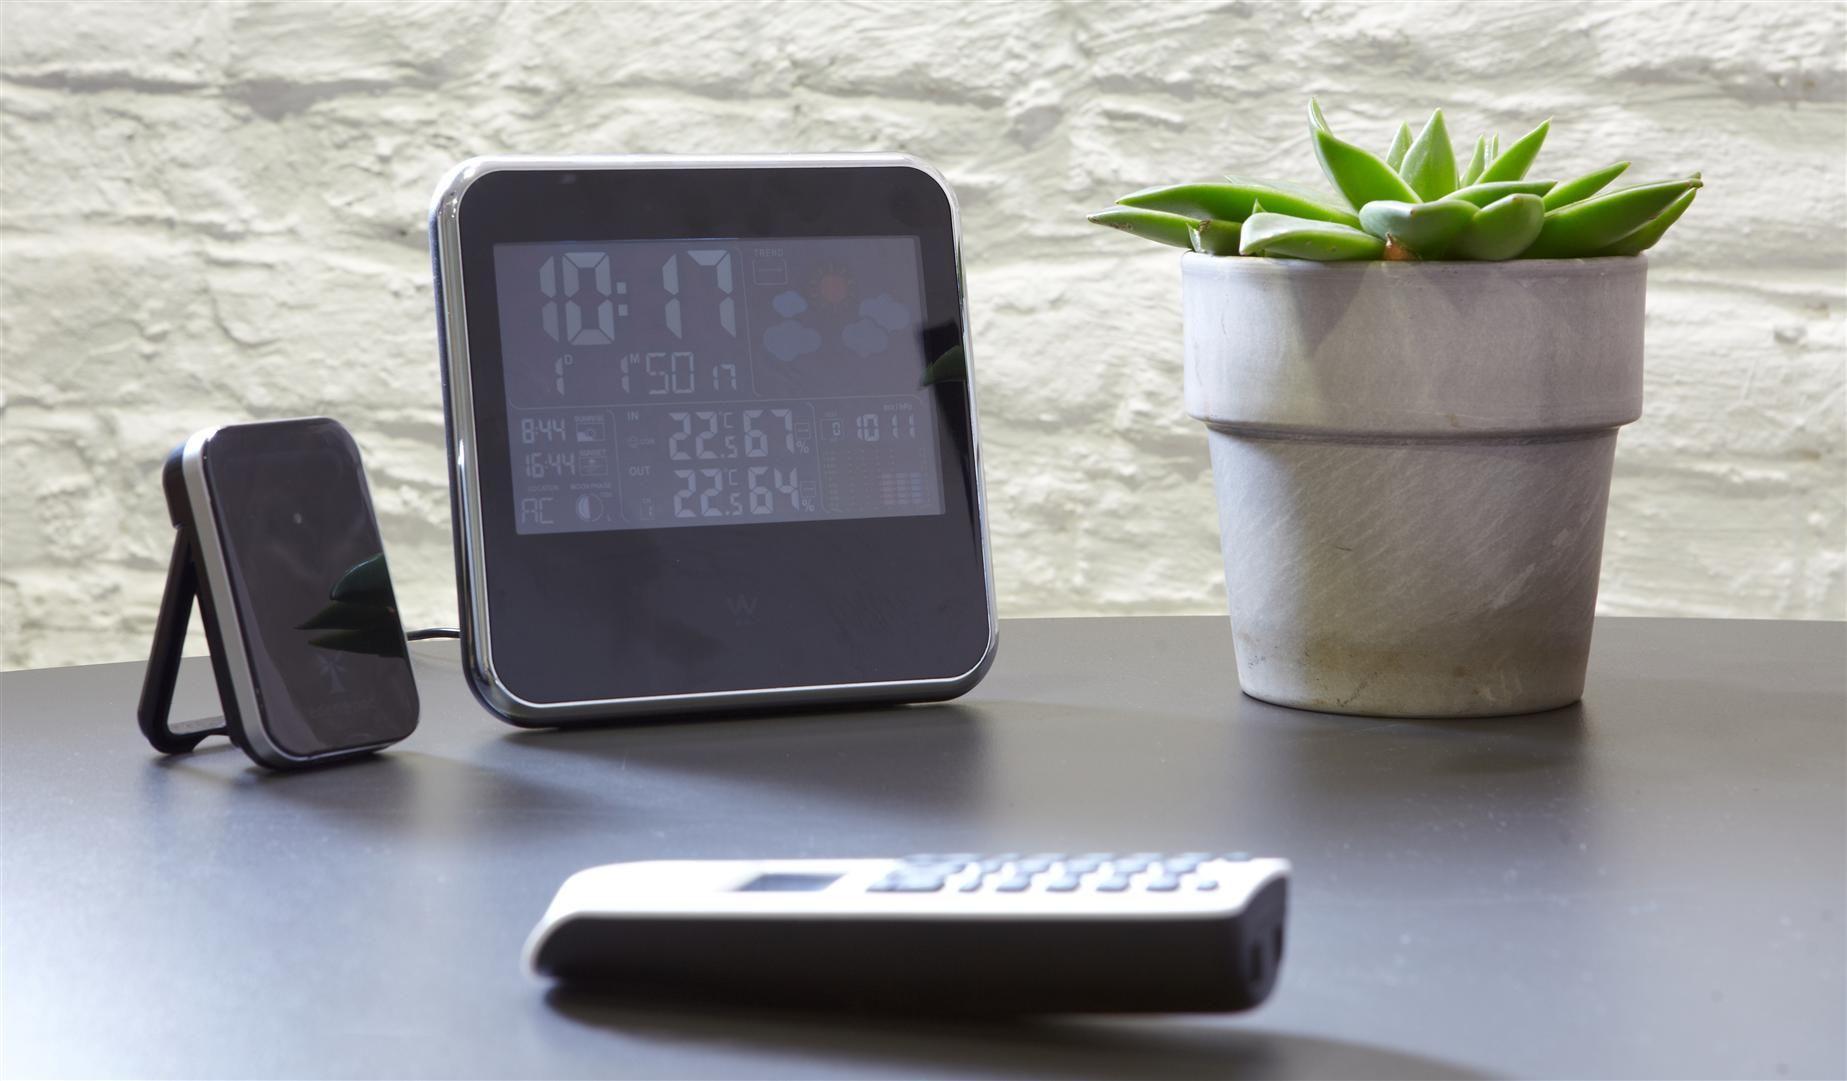 pingl par electro depot sur mon bureau tout confort. Black Bedroom Furniture Sets. Home Design Ideas